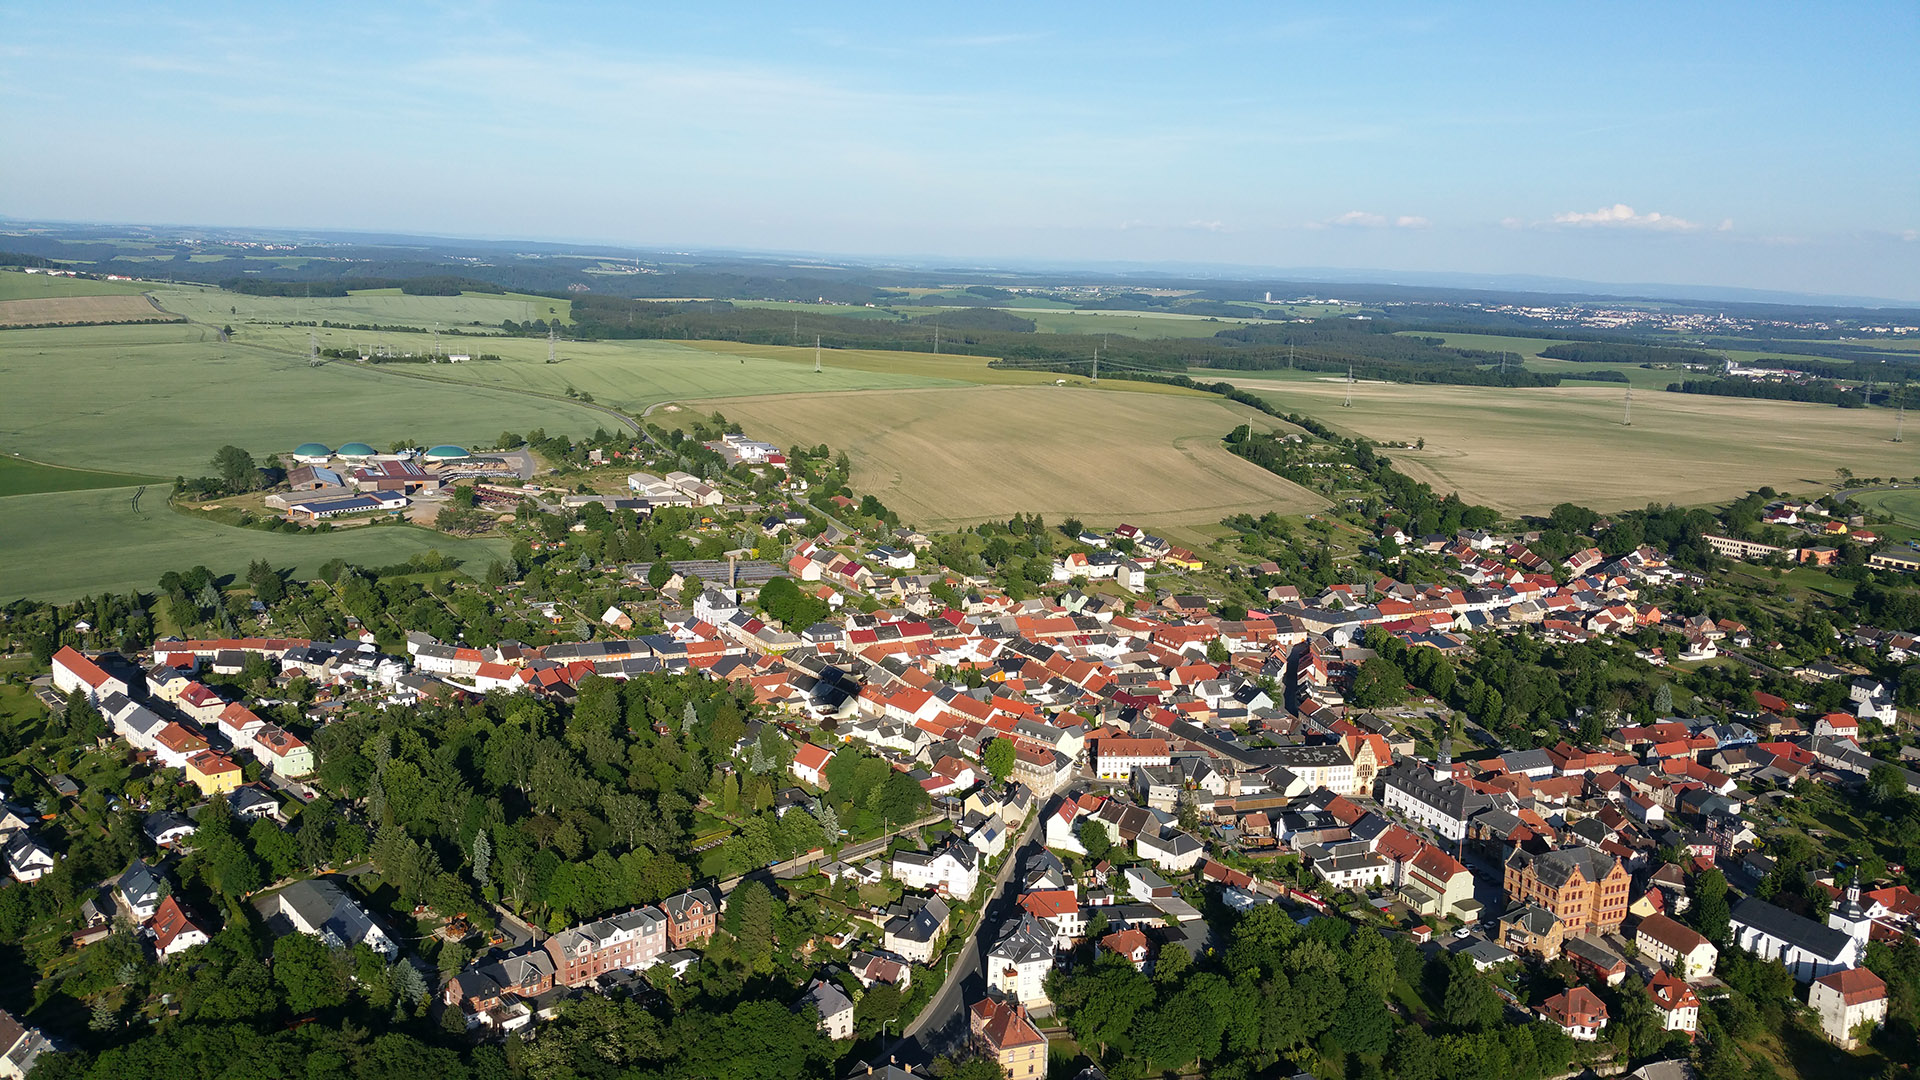 Die Stadt Auma-Weidatal von oben gesehen.